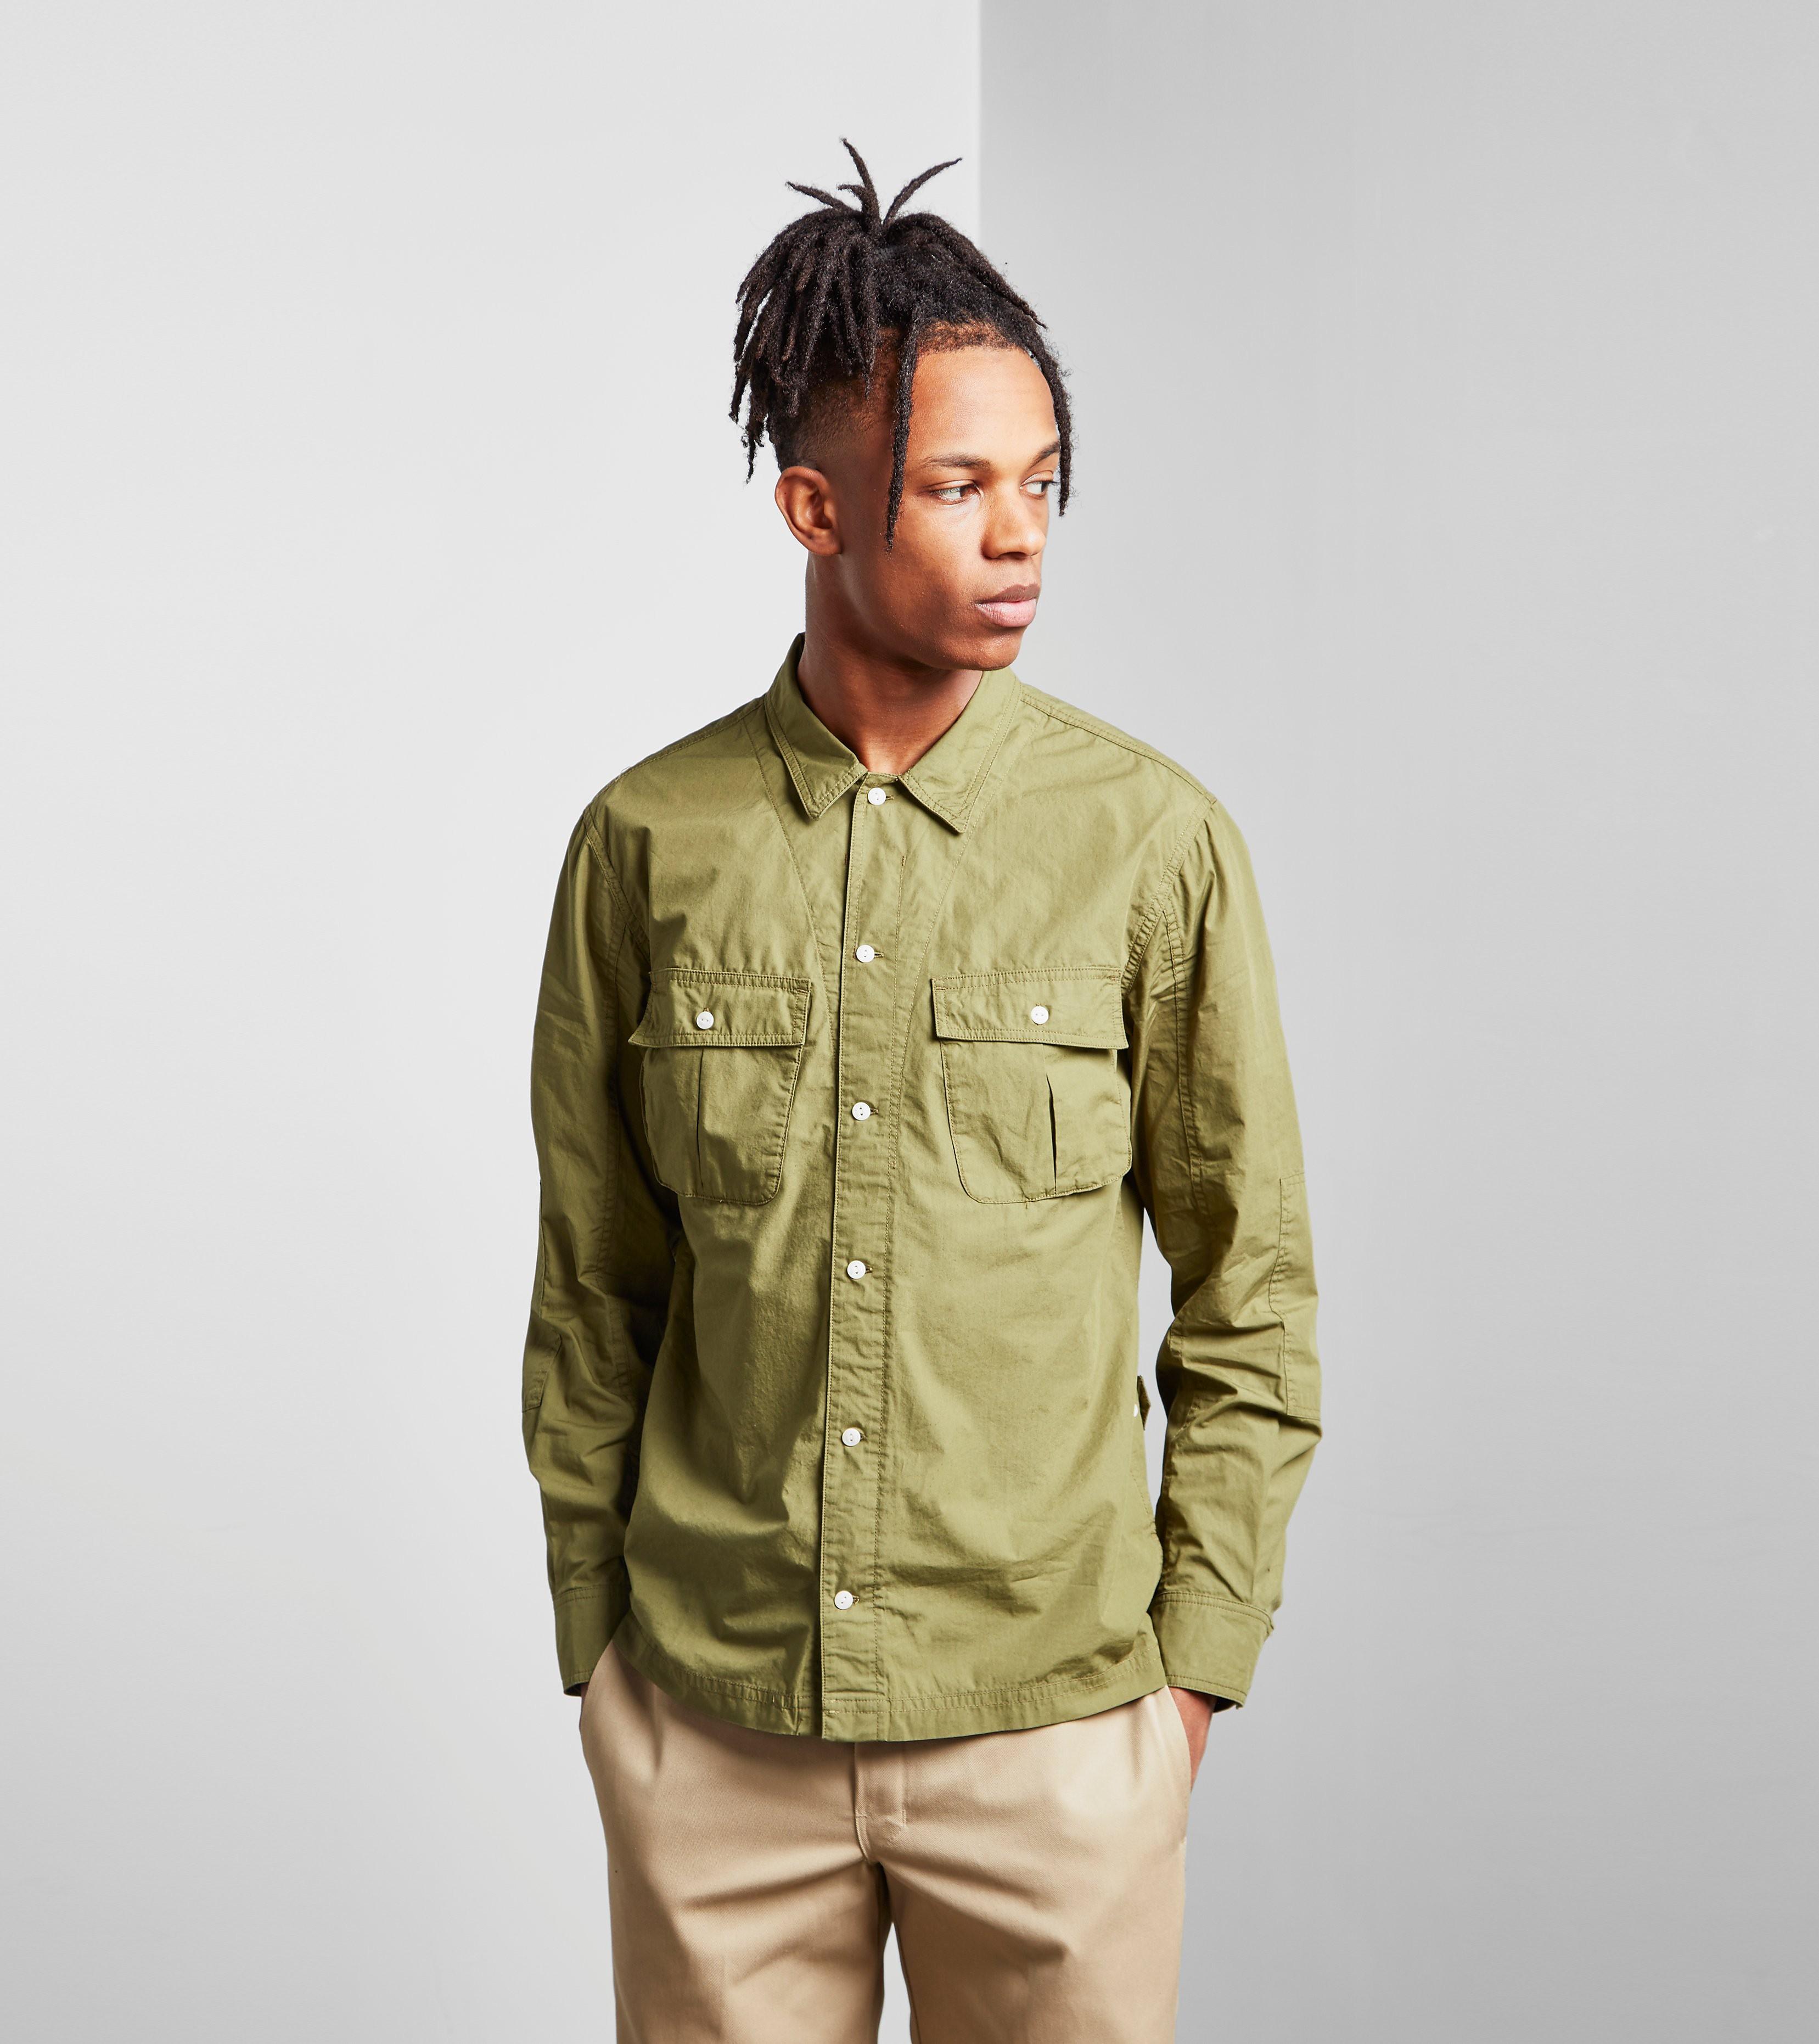 Edwin Corporal Shirt